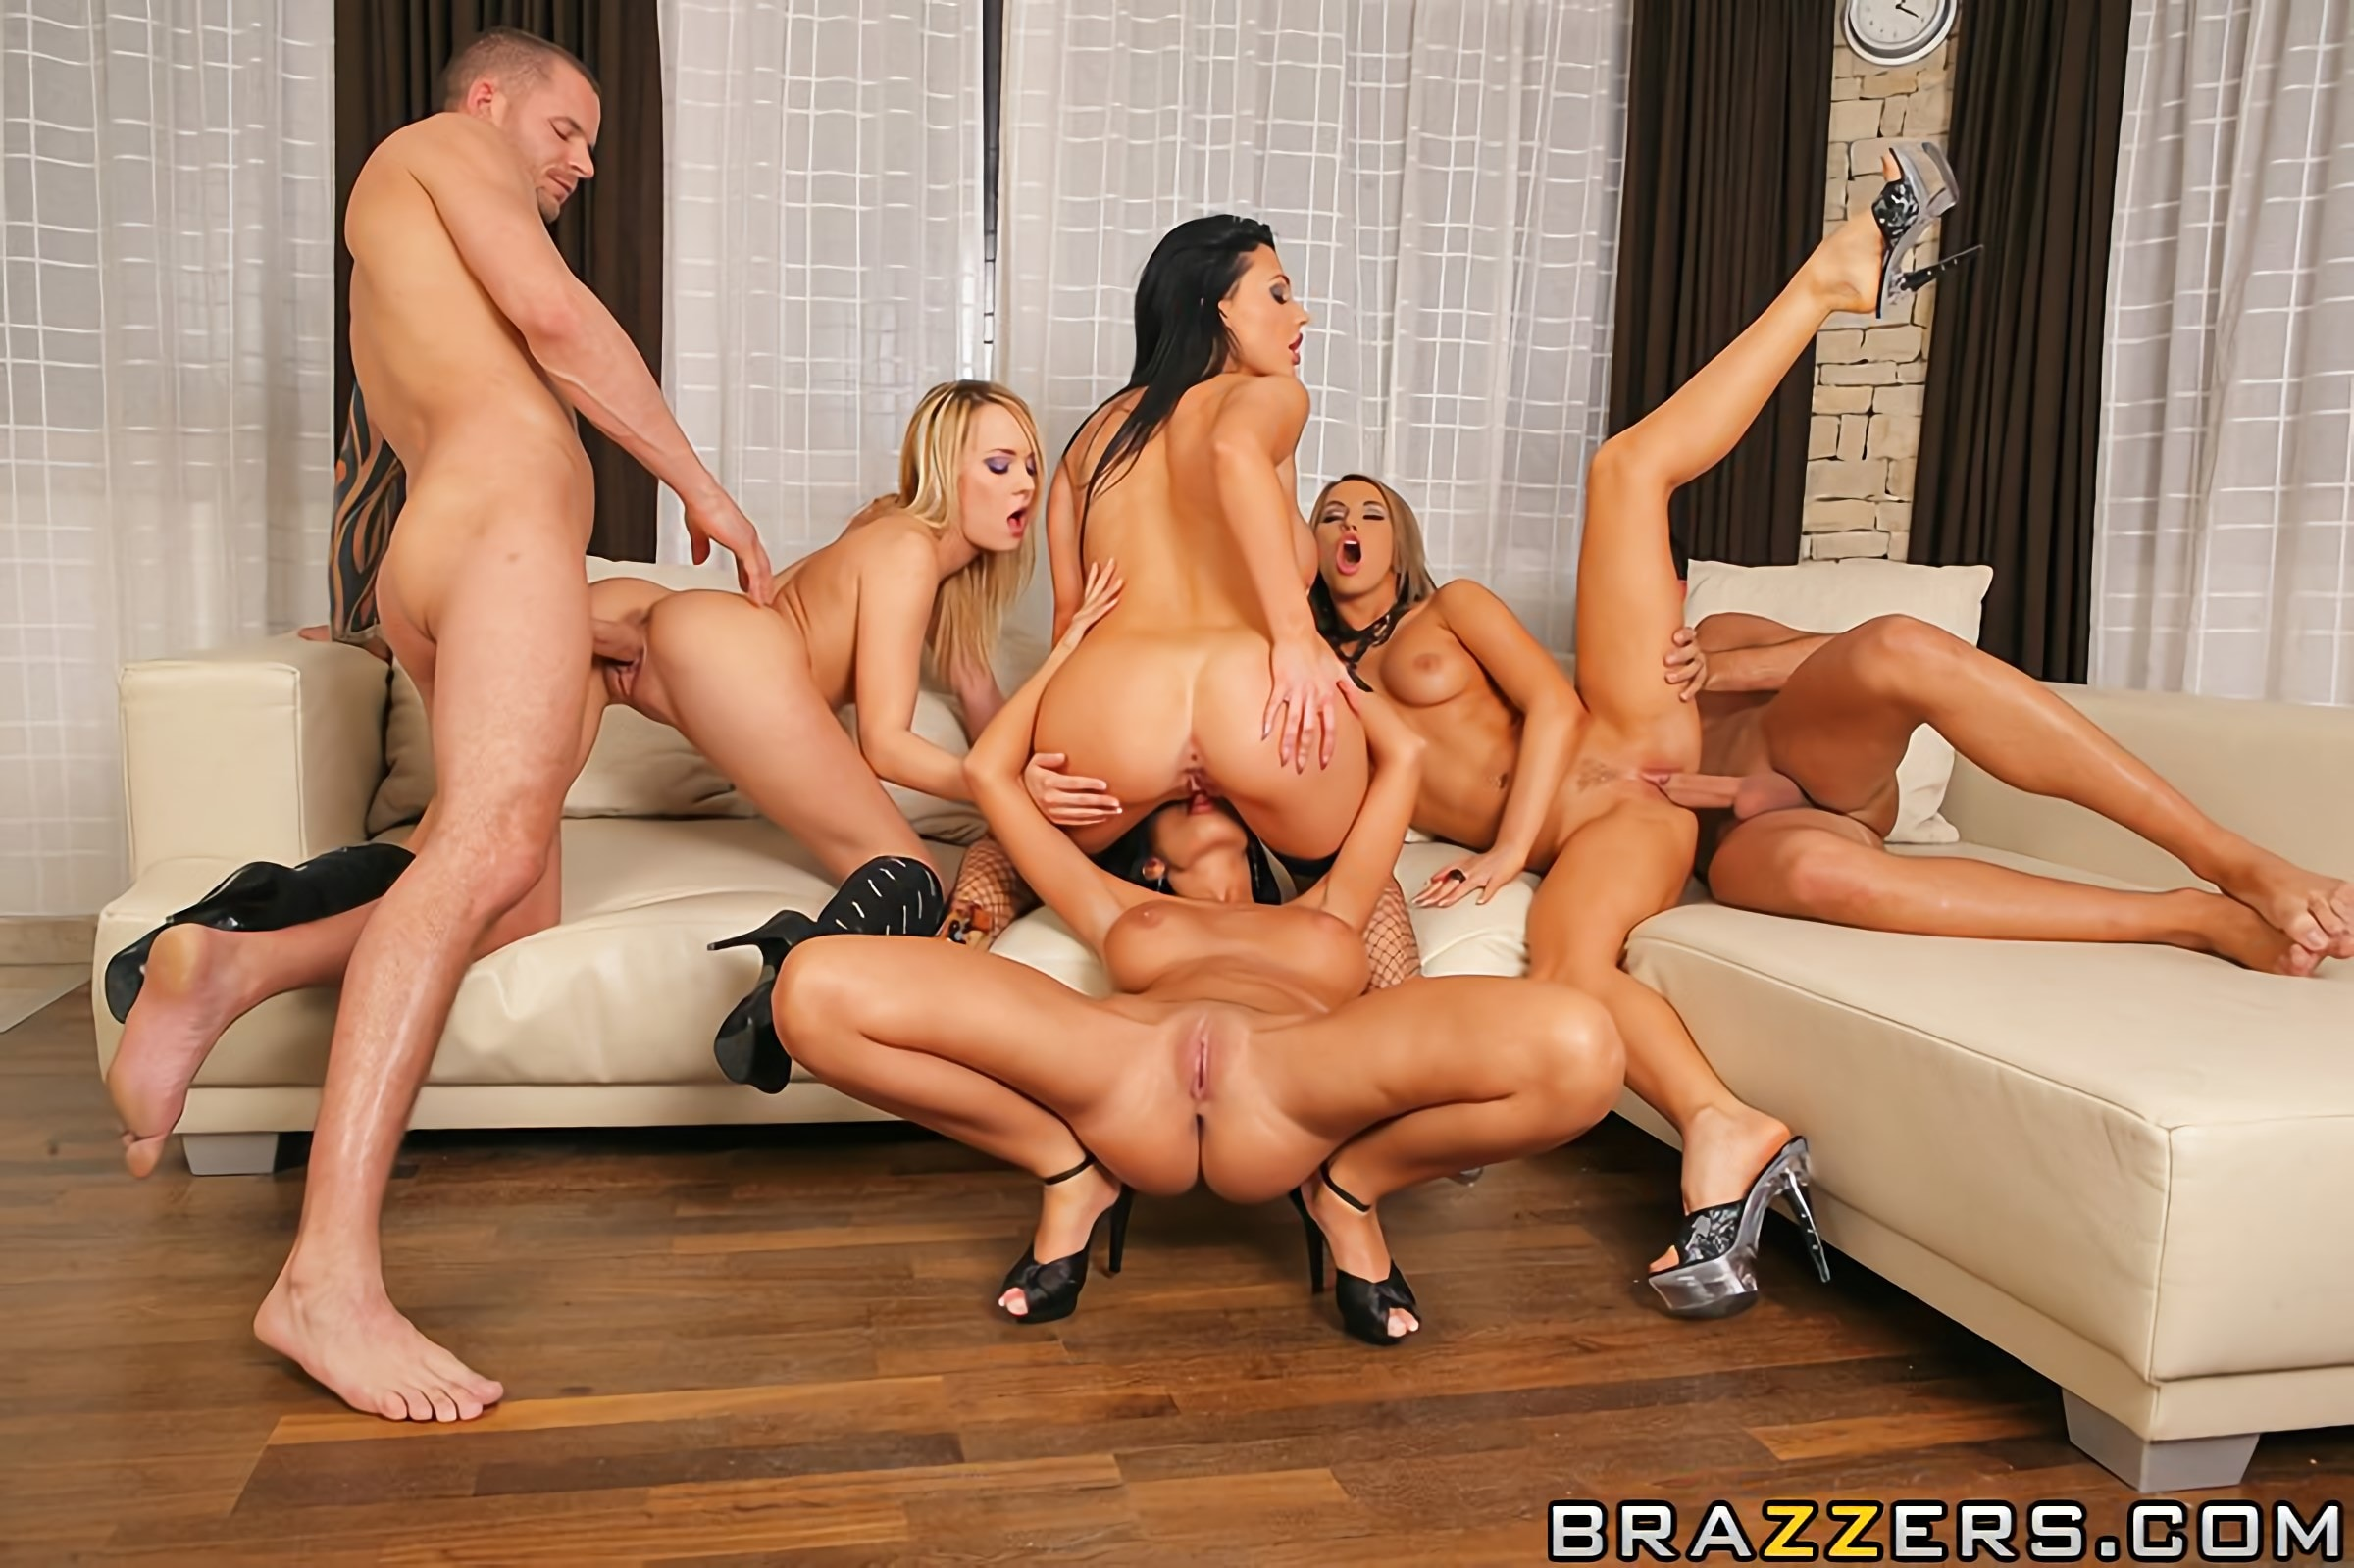 Секса фото групповое 33169 фотография